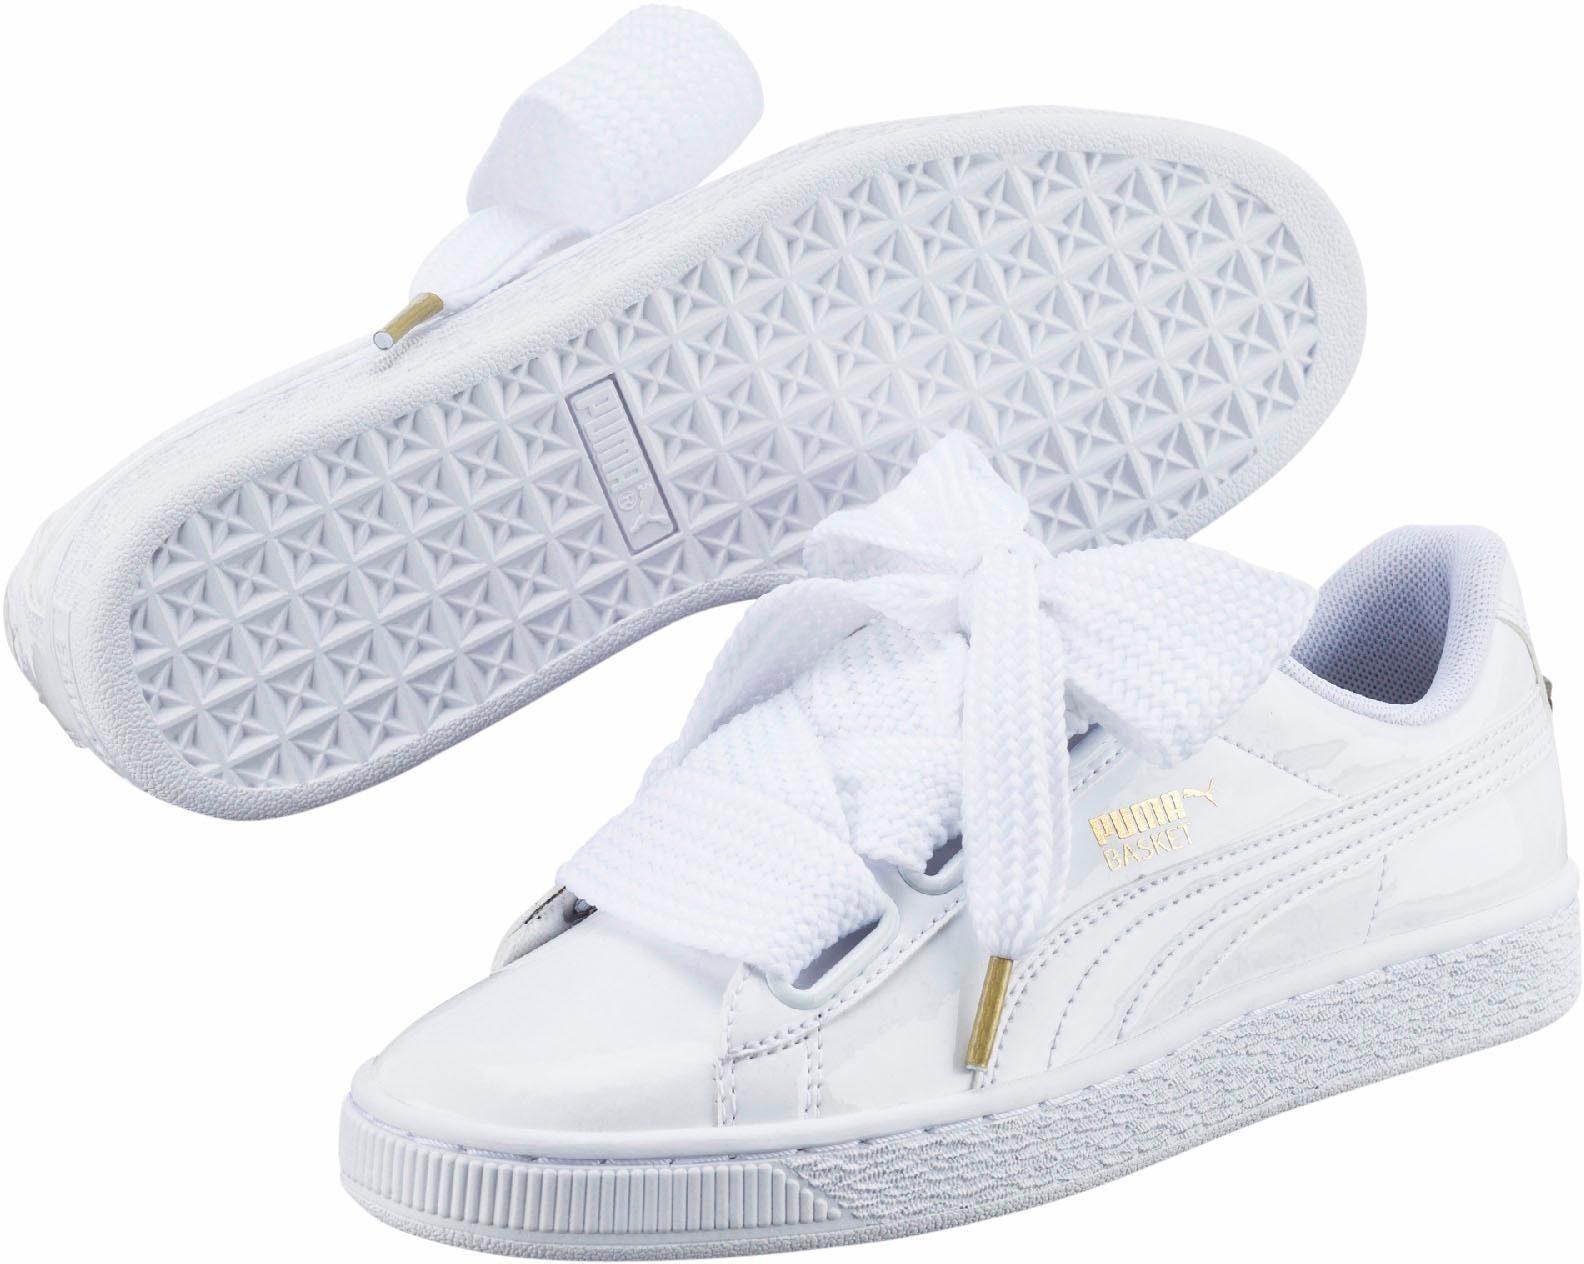 PUMA »Basket Heart Patent« Sneaker, Modischer Sneaker von Puma online kaufen | OTTO